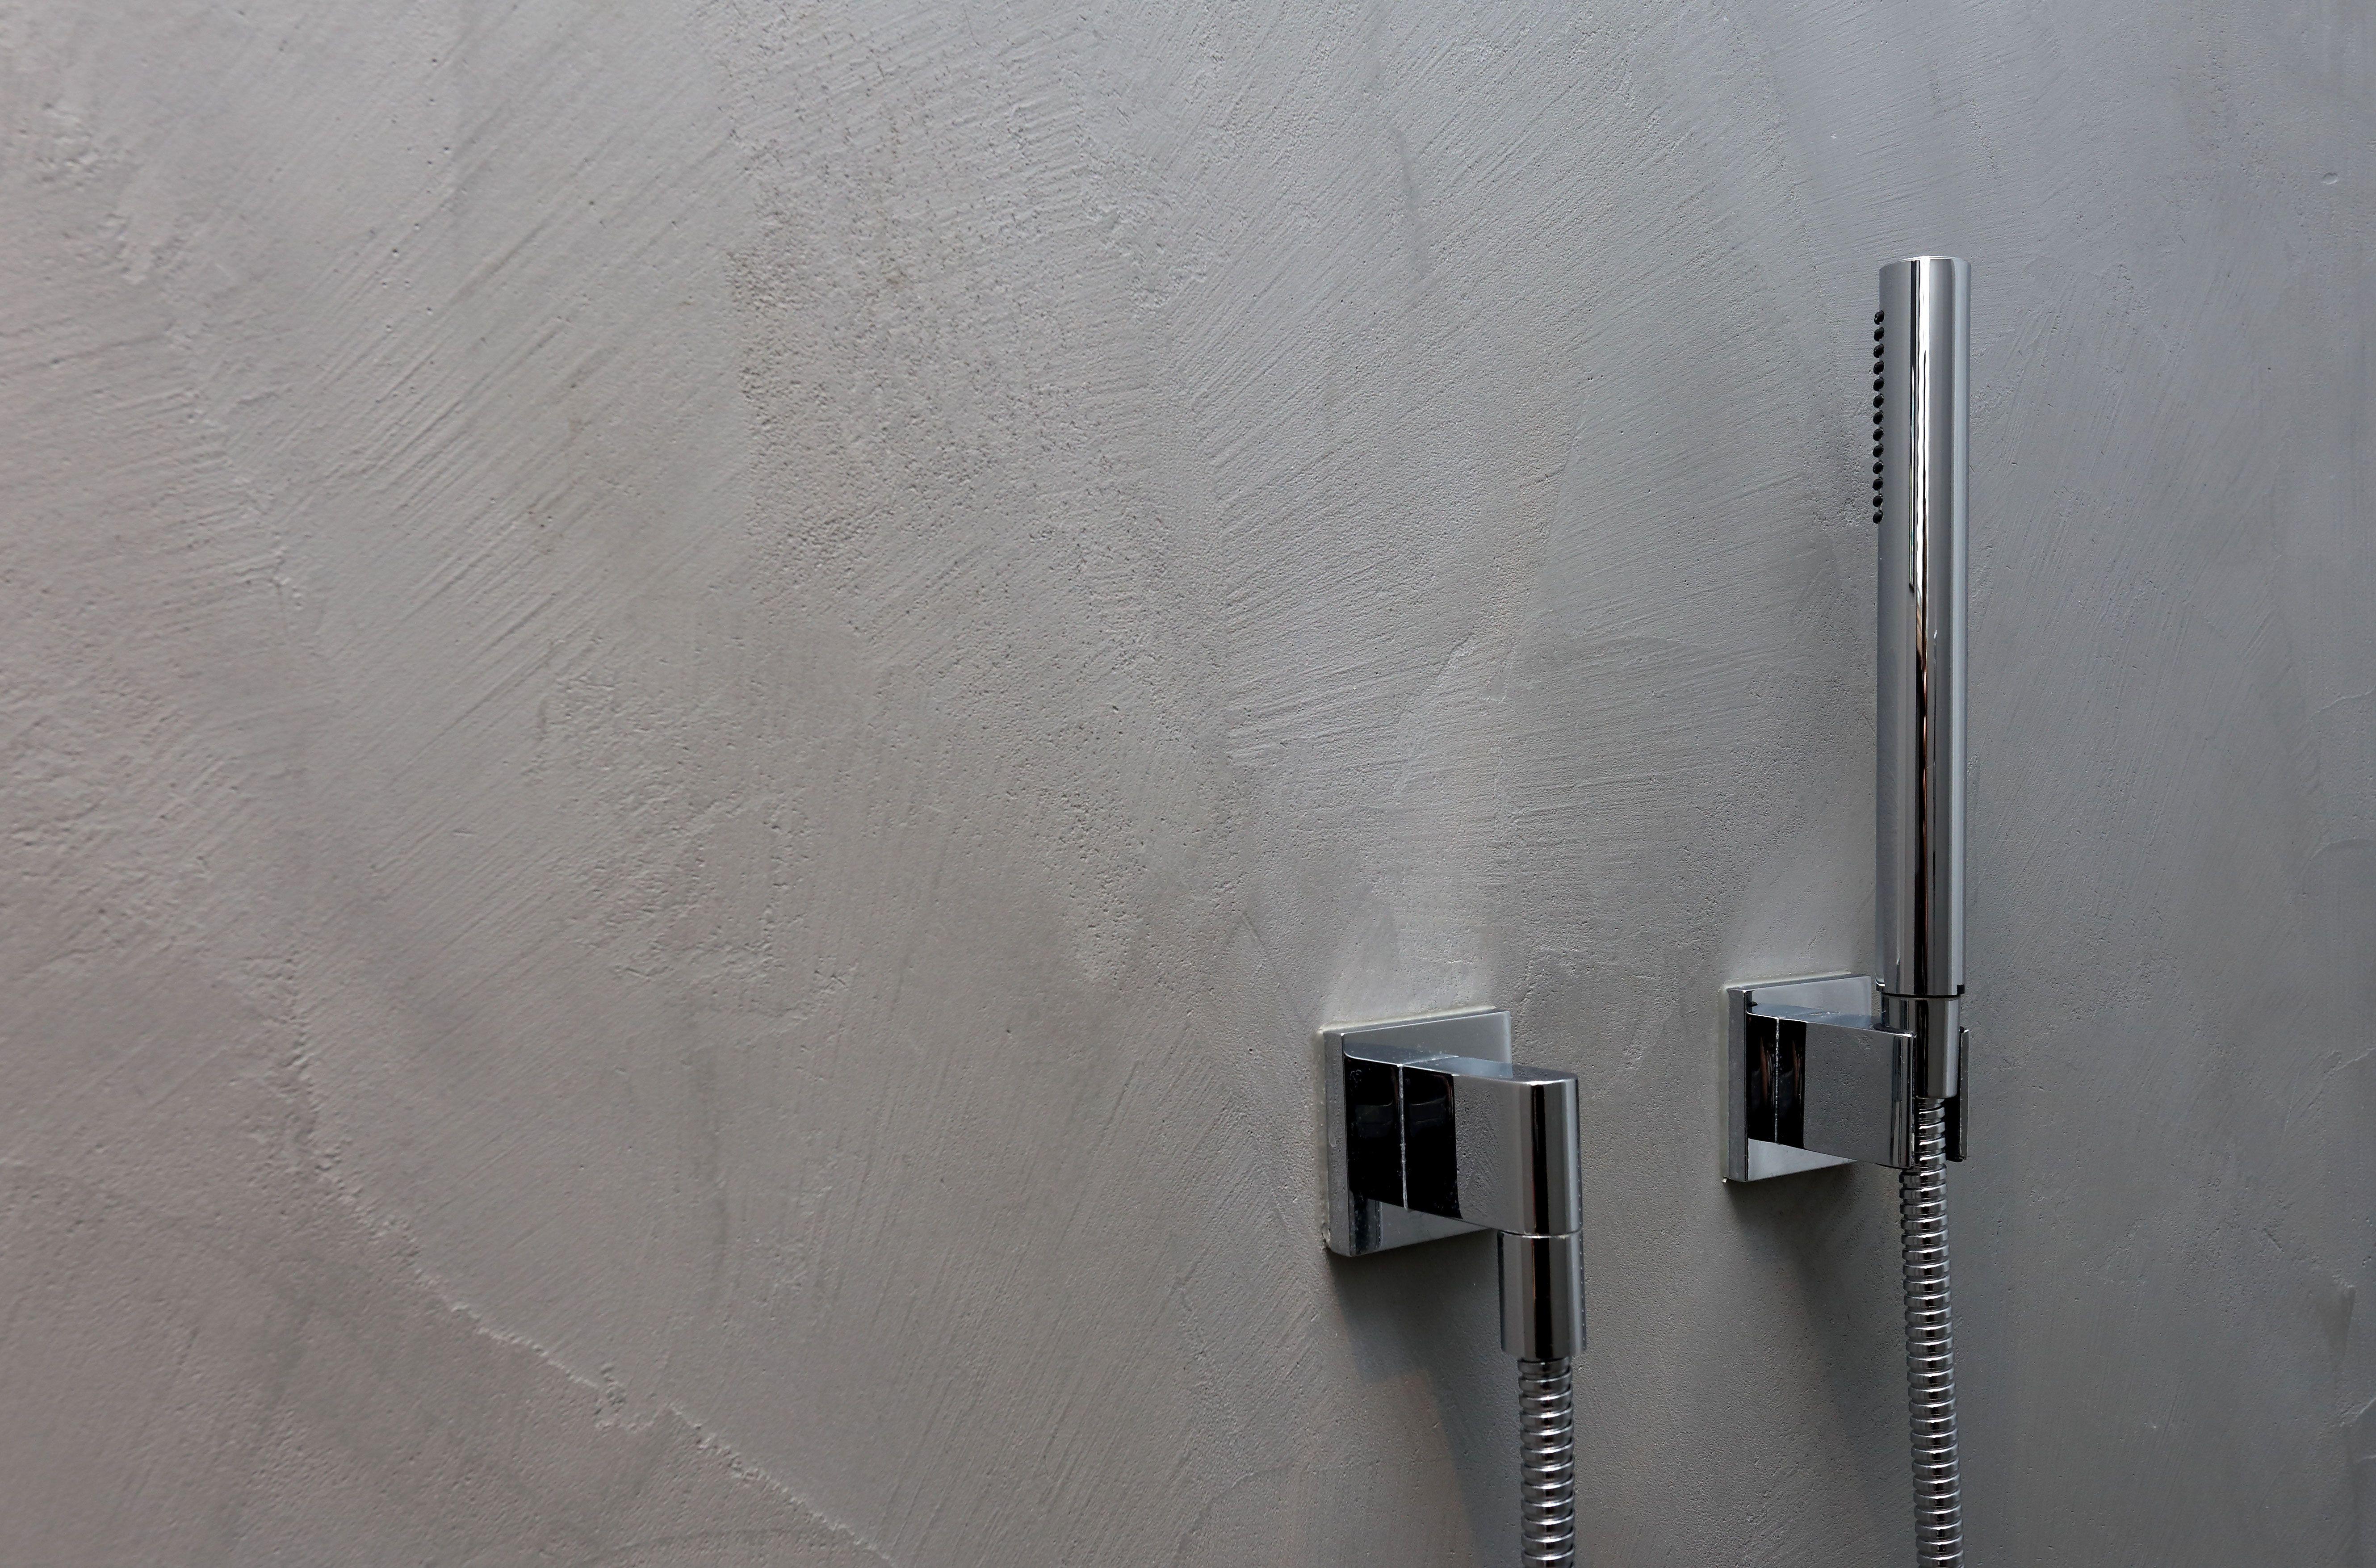 sanidrõme het badhuis uit scheemda toont graag de door hen